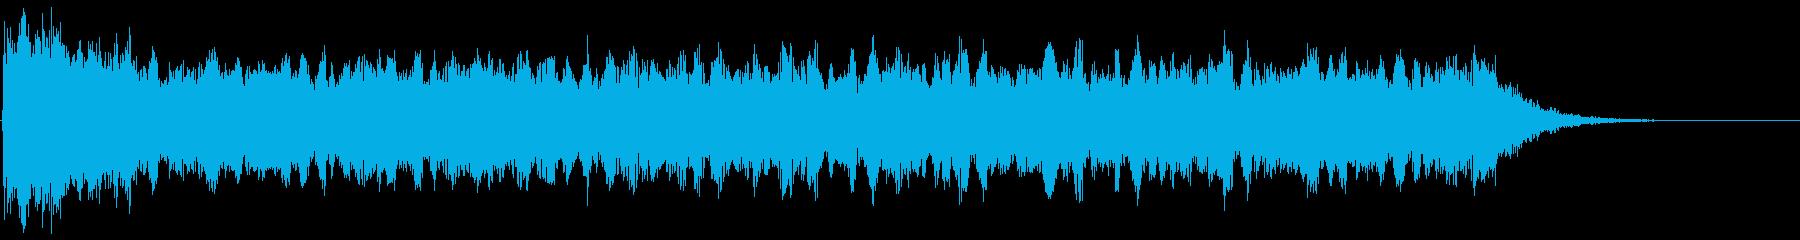 覚醒・起動「ブーン」#5の再生済みの波形